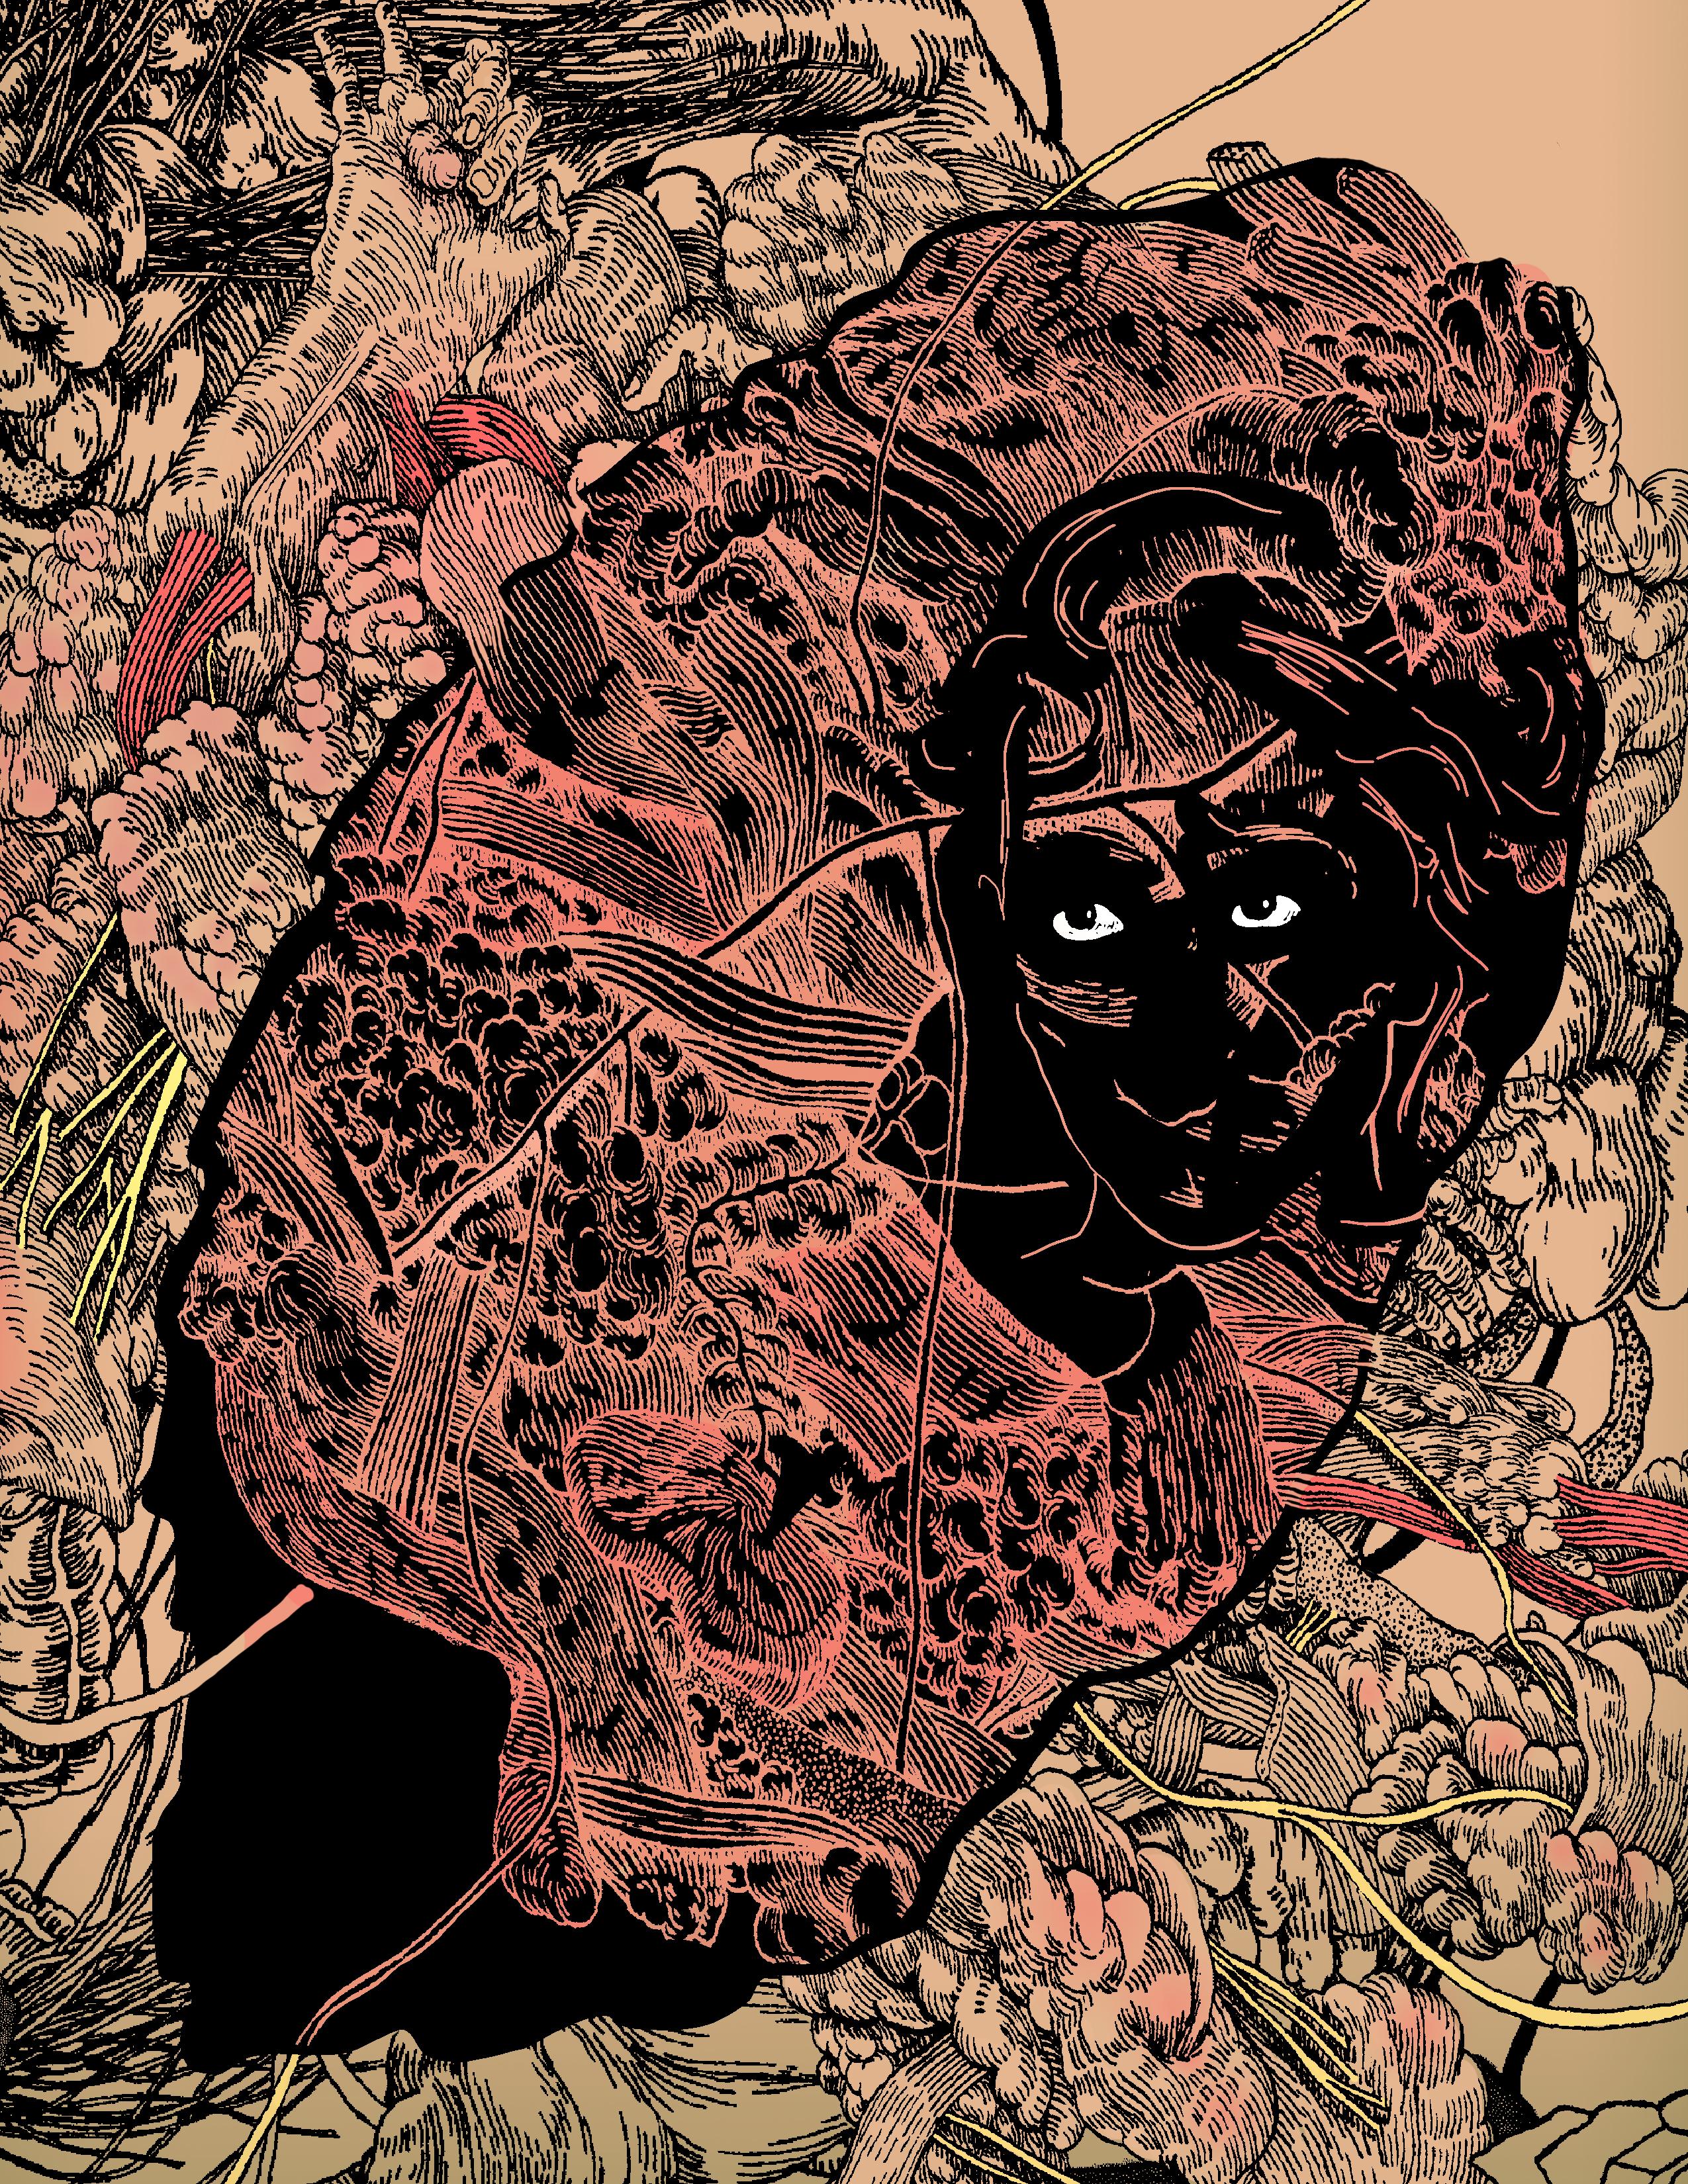 Ilustración por Javier Arjona.